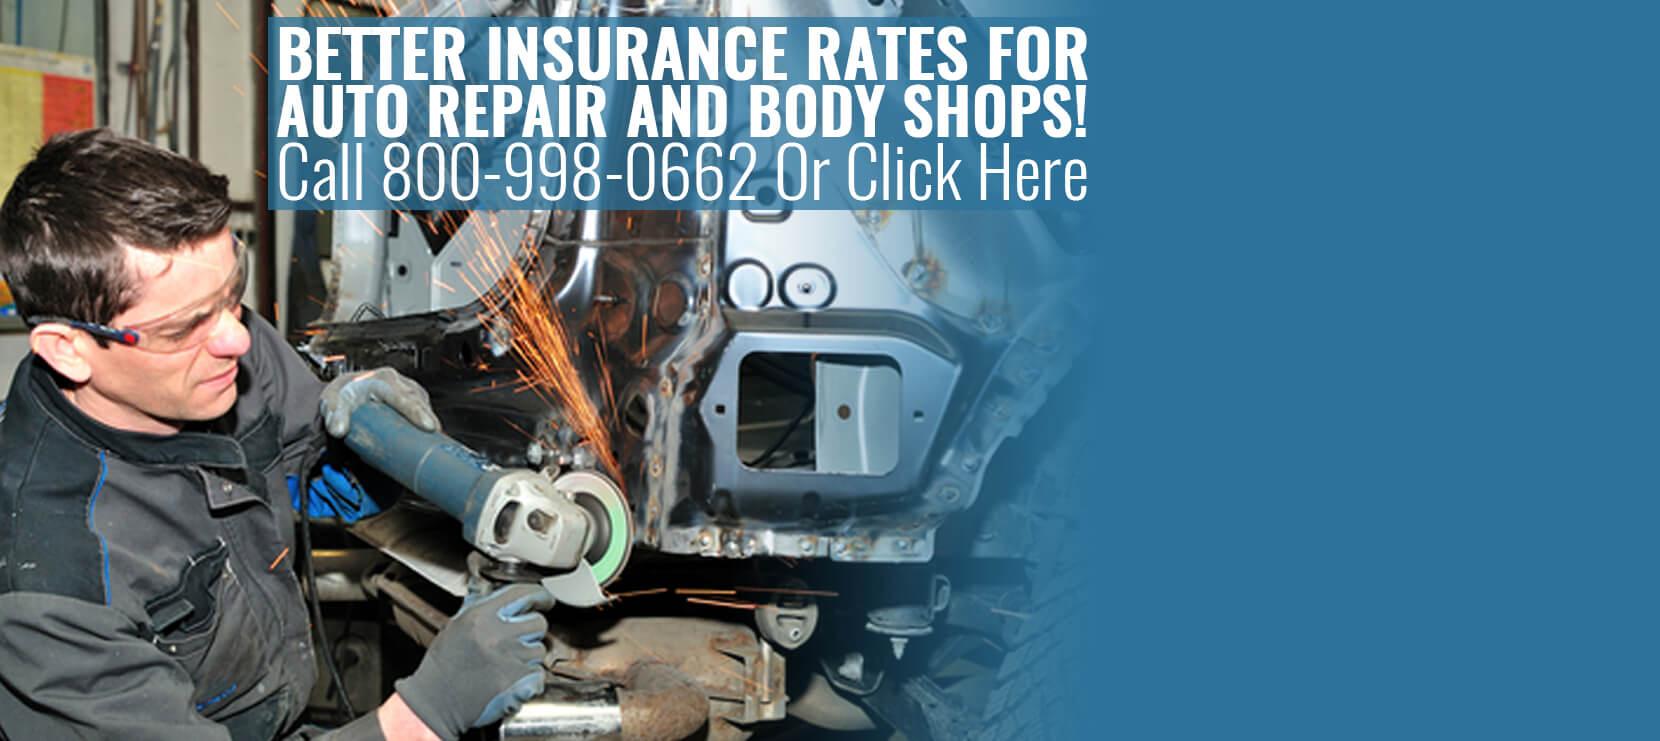 Auto Repair Insurance Ohio